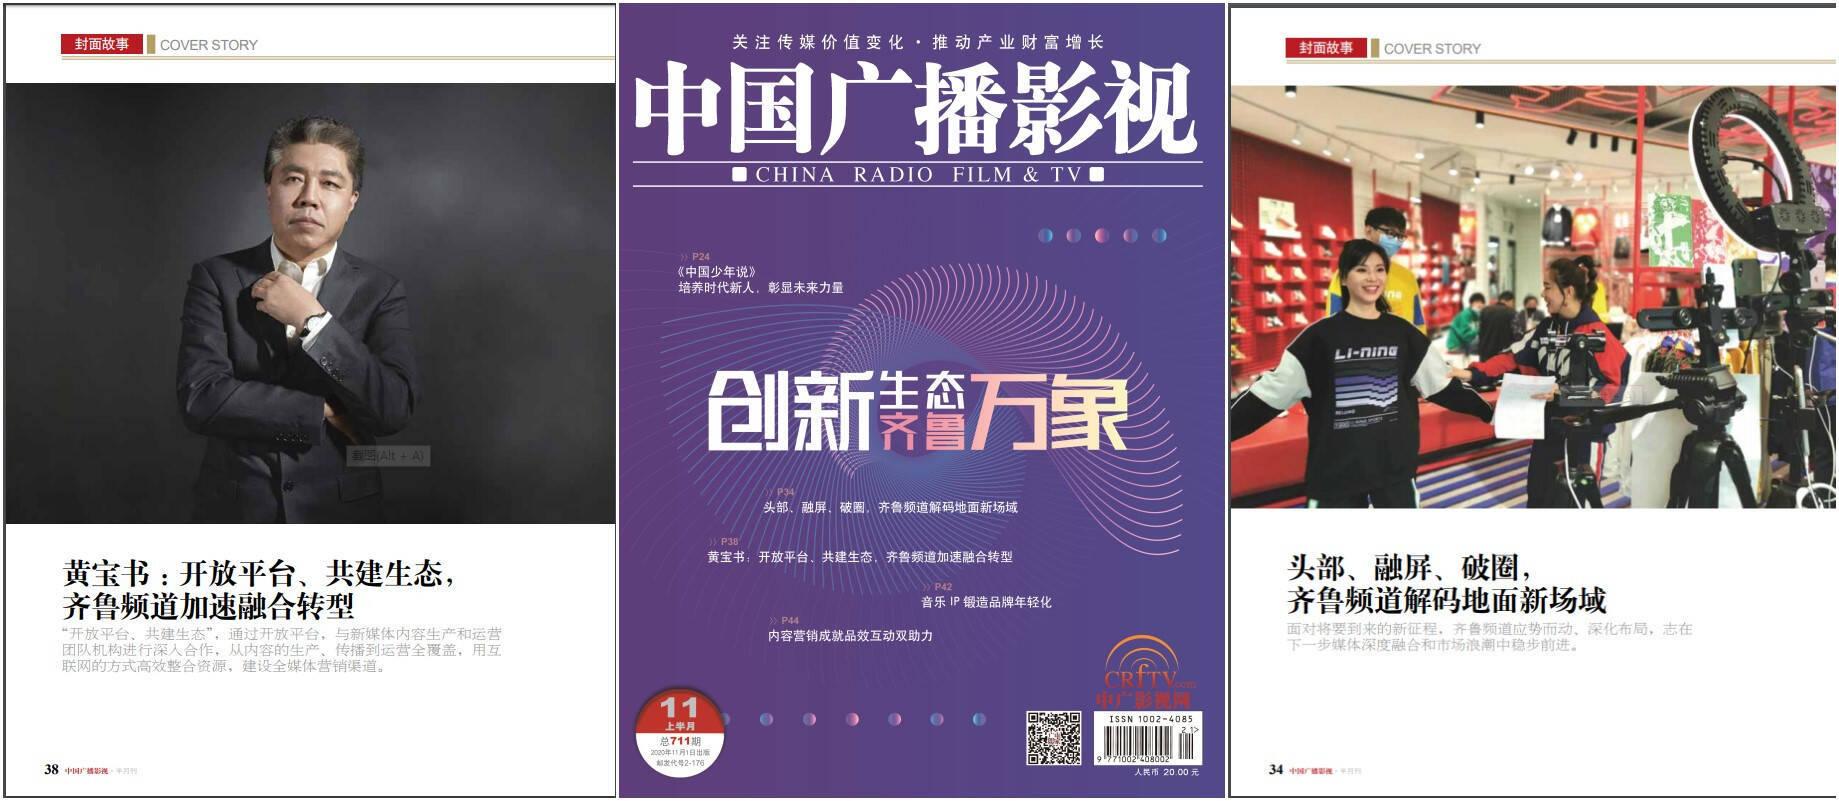 《中国广播影视》刊发封面文章 聚焦山东广播电视台齐鲁频道打造地面新生态场